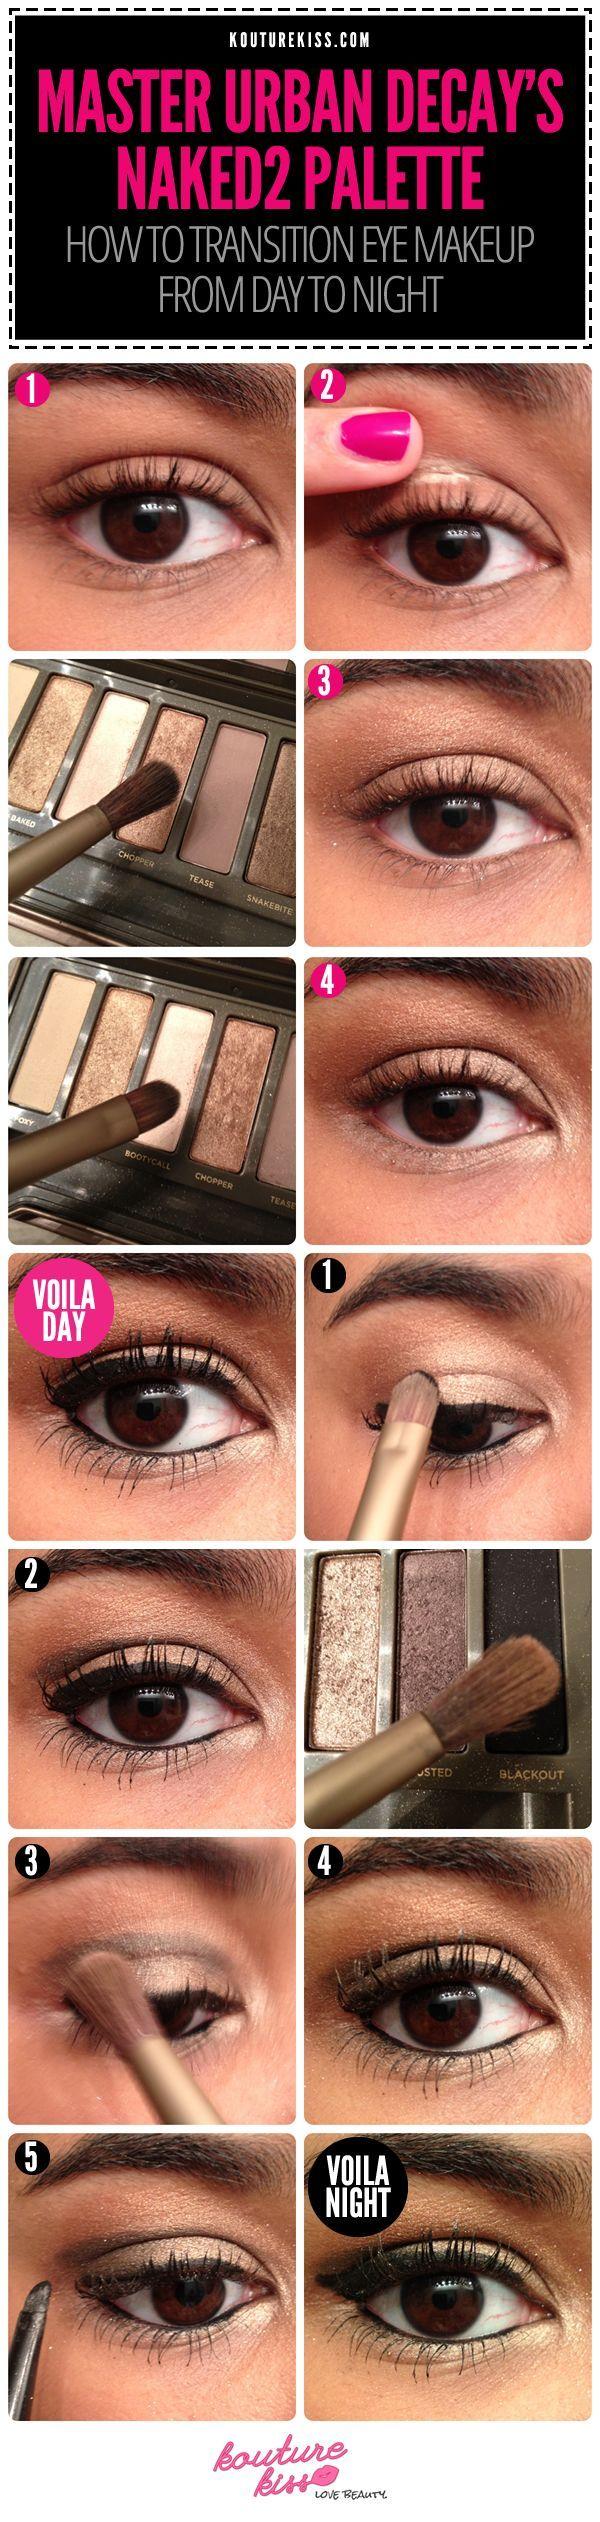 Rien de mieux pour mettre en valeur ses yeux de biche qu'un maquillage adapté, ni pas assez ni trop chargé. Pour réussir votre makeup, Astuces de Filles vous propose quelques...